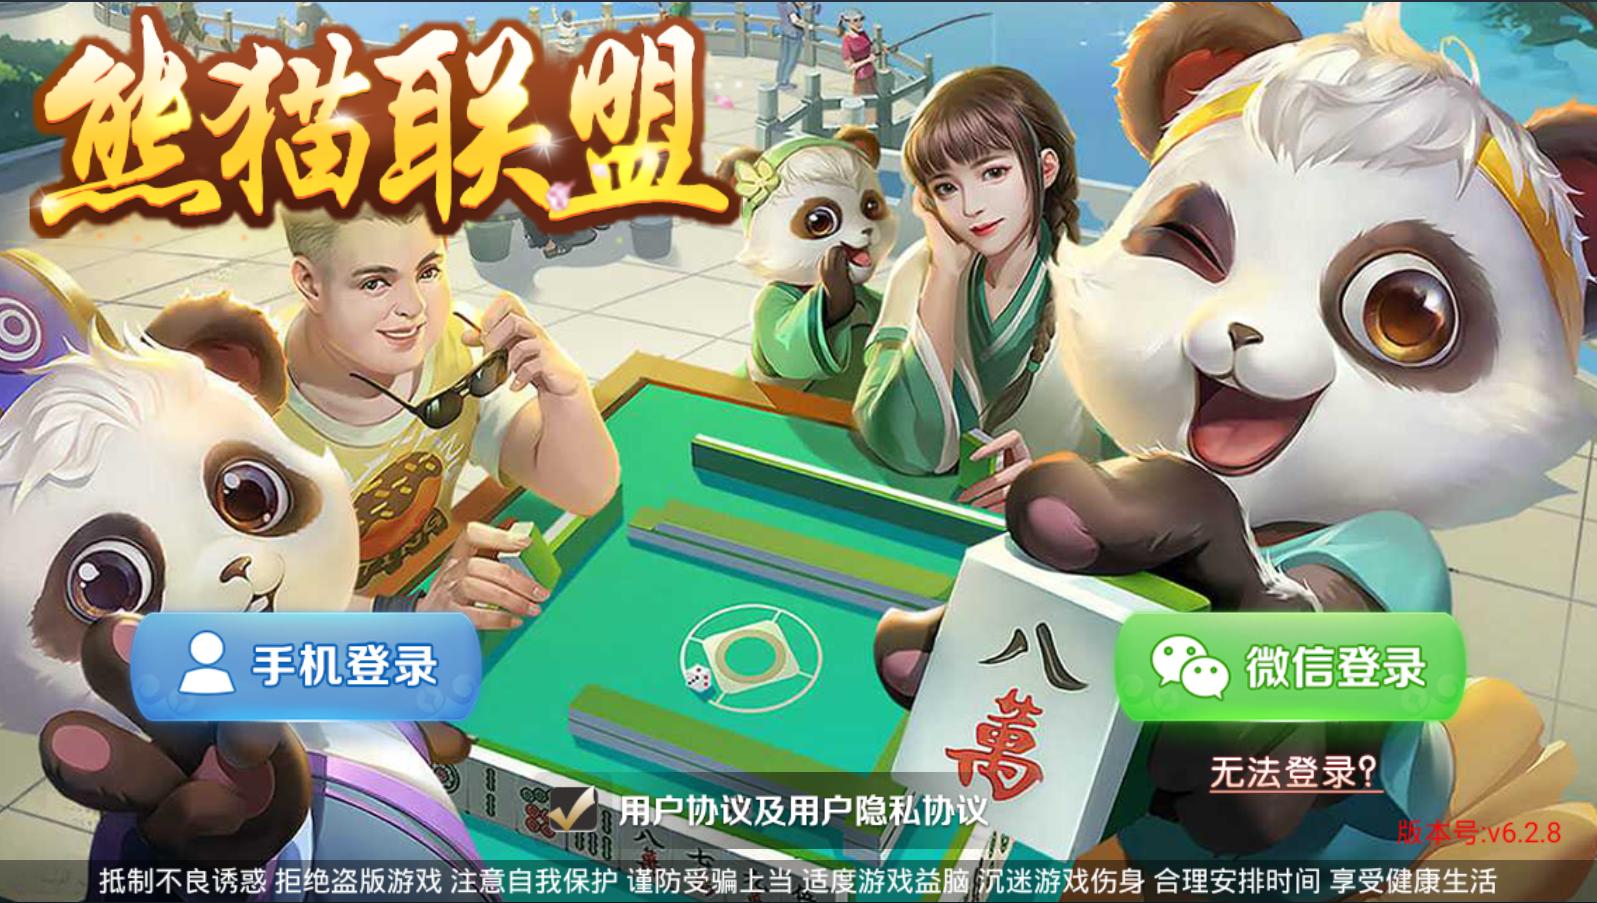 熊猫联盟-义乌市森焱网络科技有限公司-棋牌定制开发-棋牌APP游戏定制